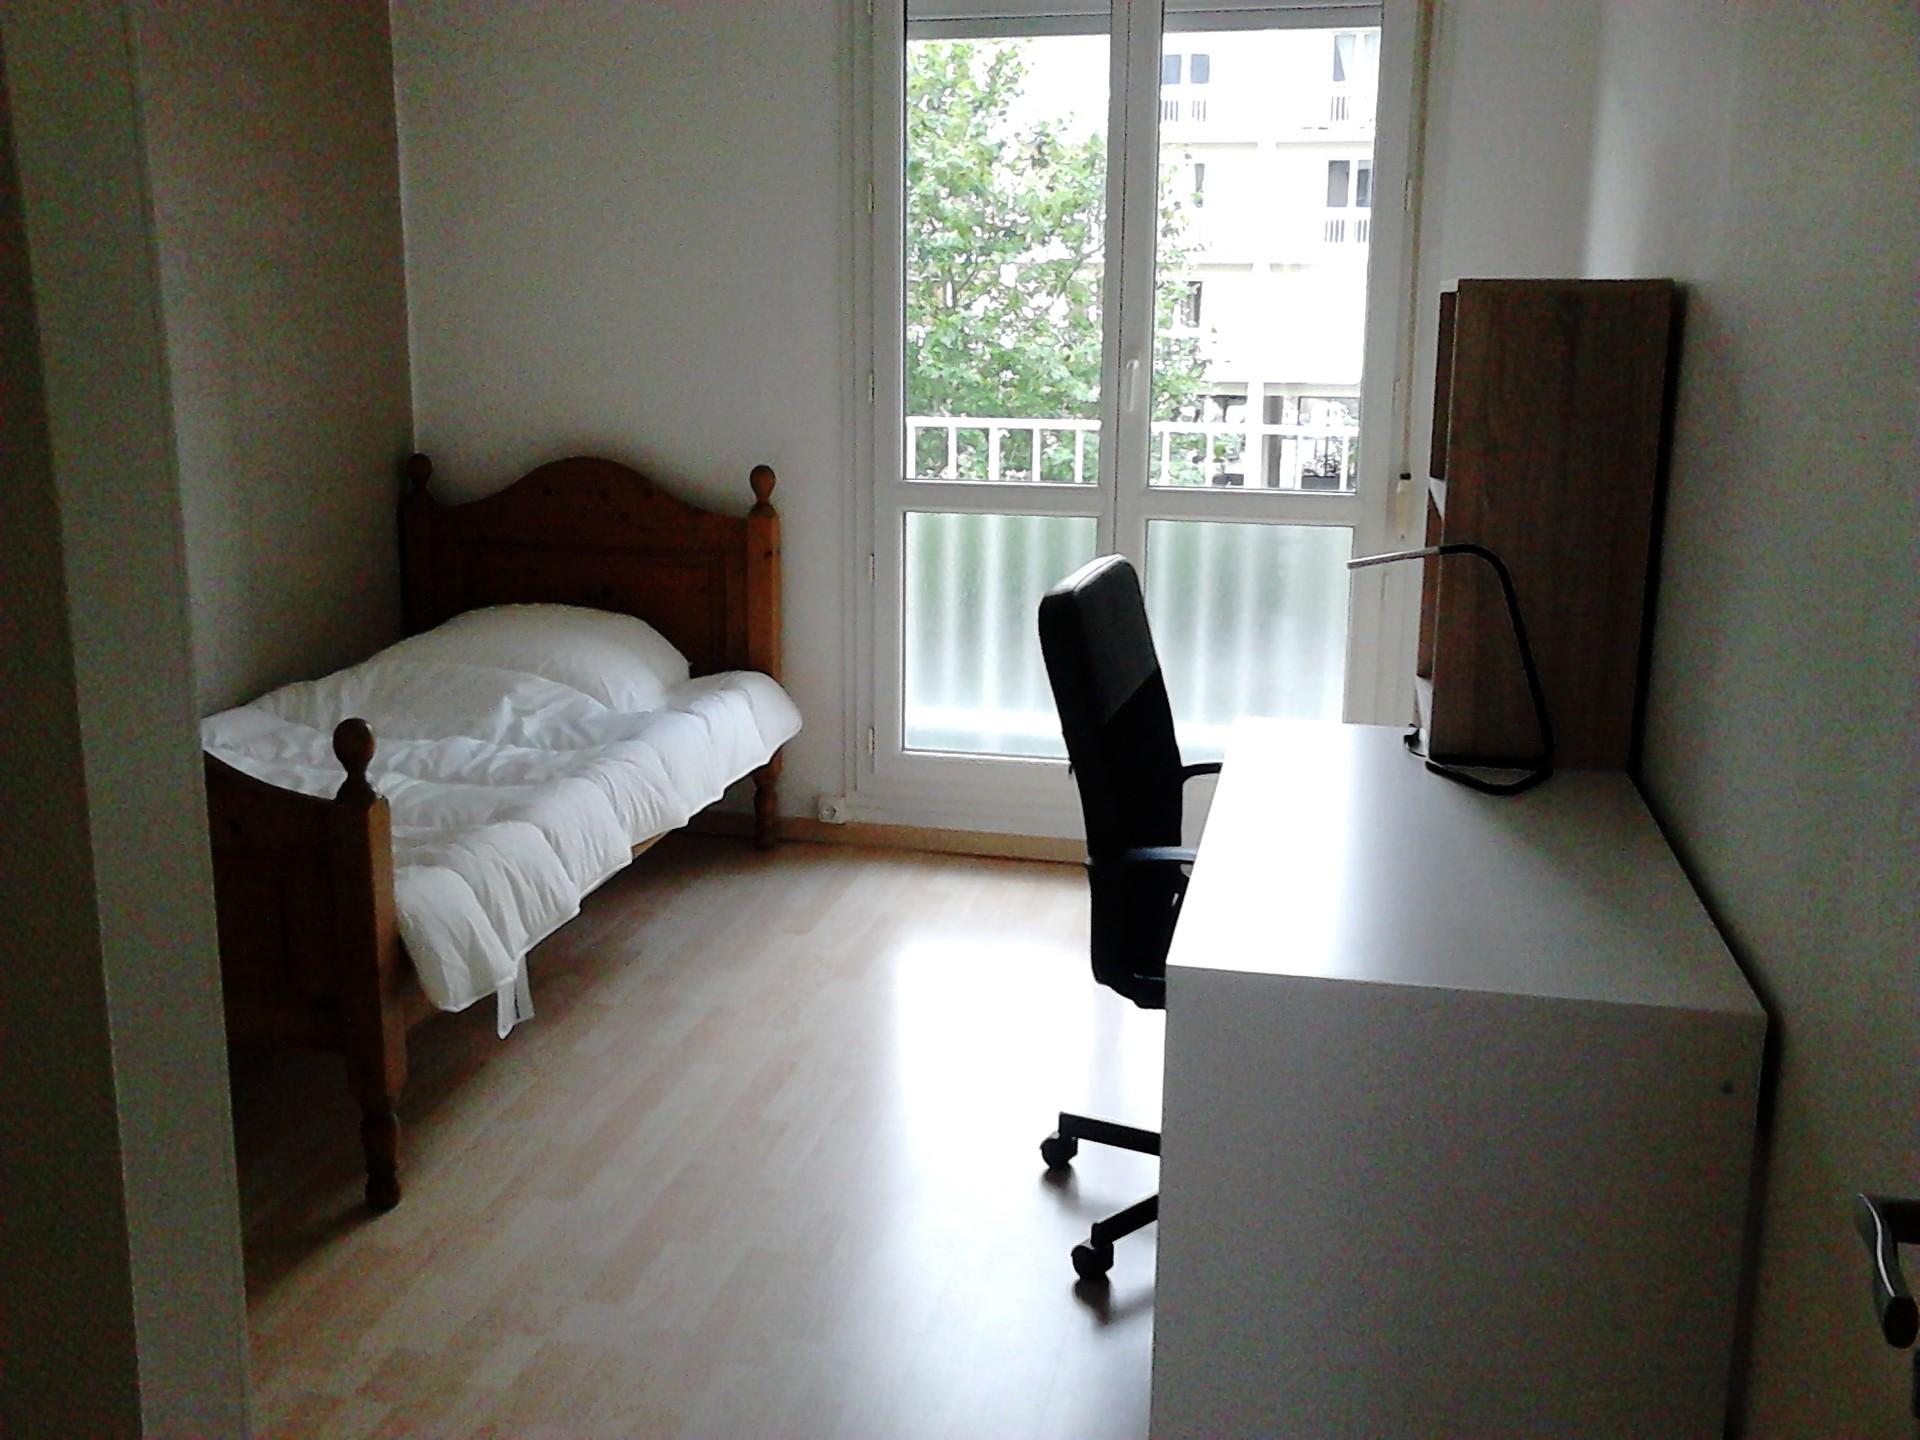 chambre-meublee-lumineuse-18658ce937af54753d08de643505175b